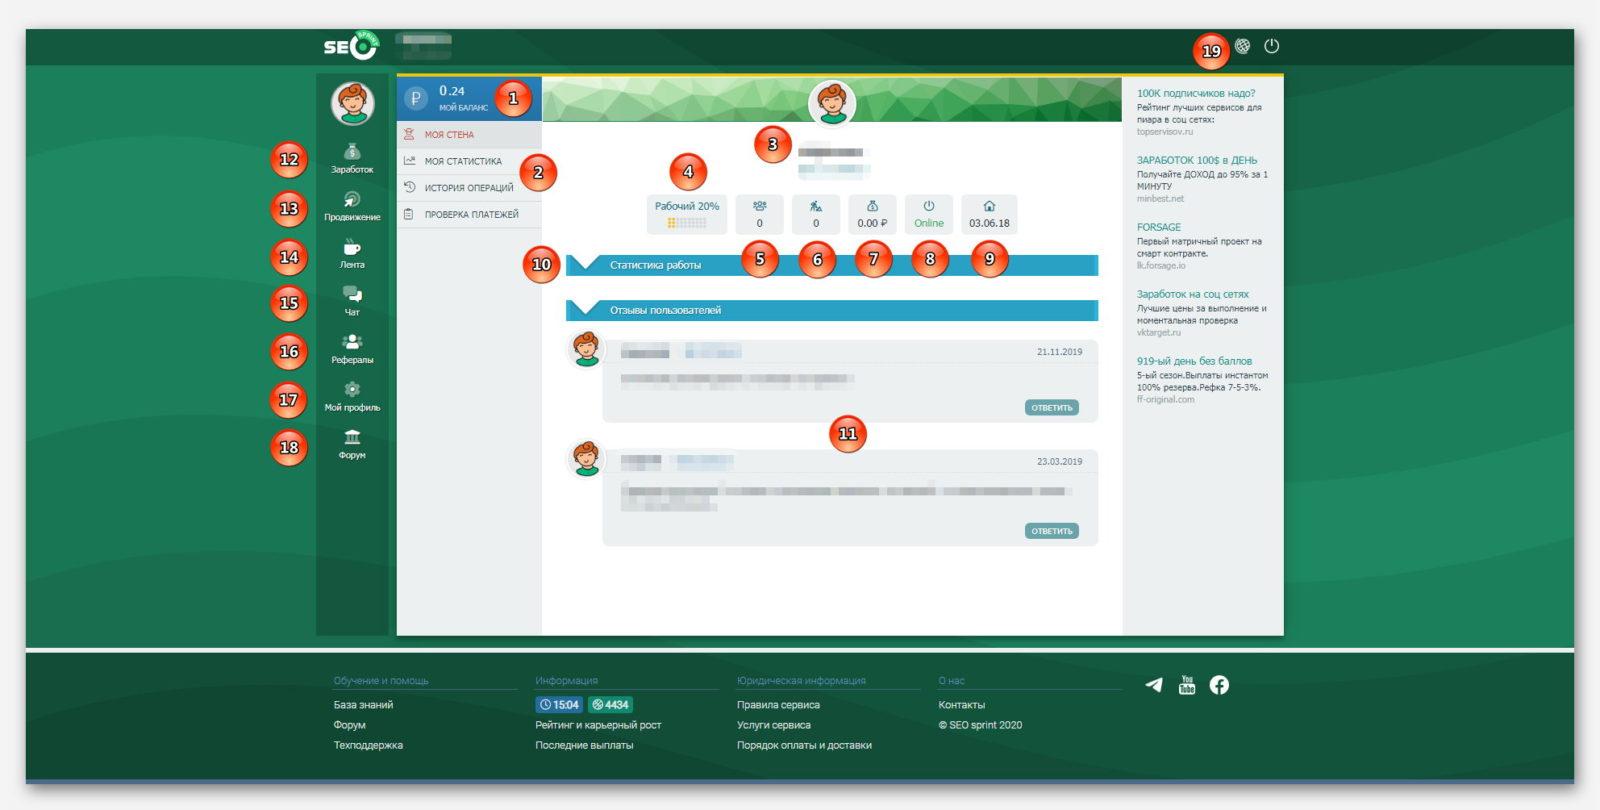 Обзор личного кабинета, в проекте SEO sprint